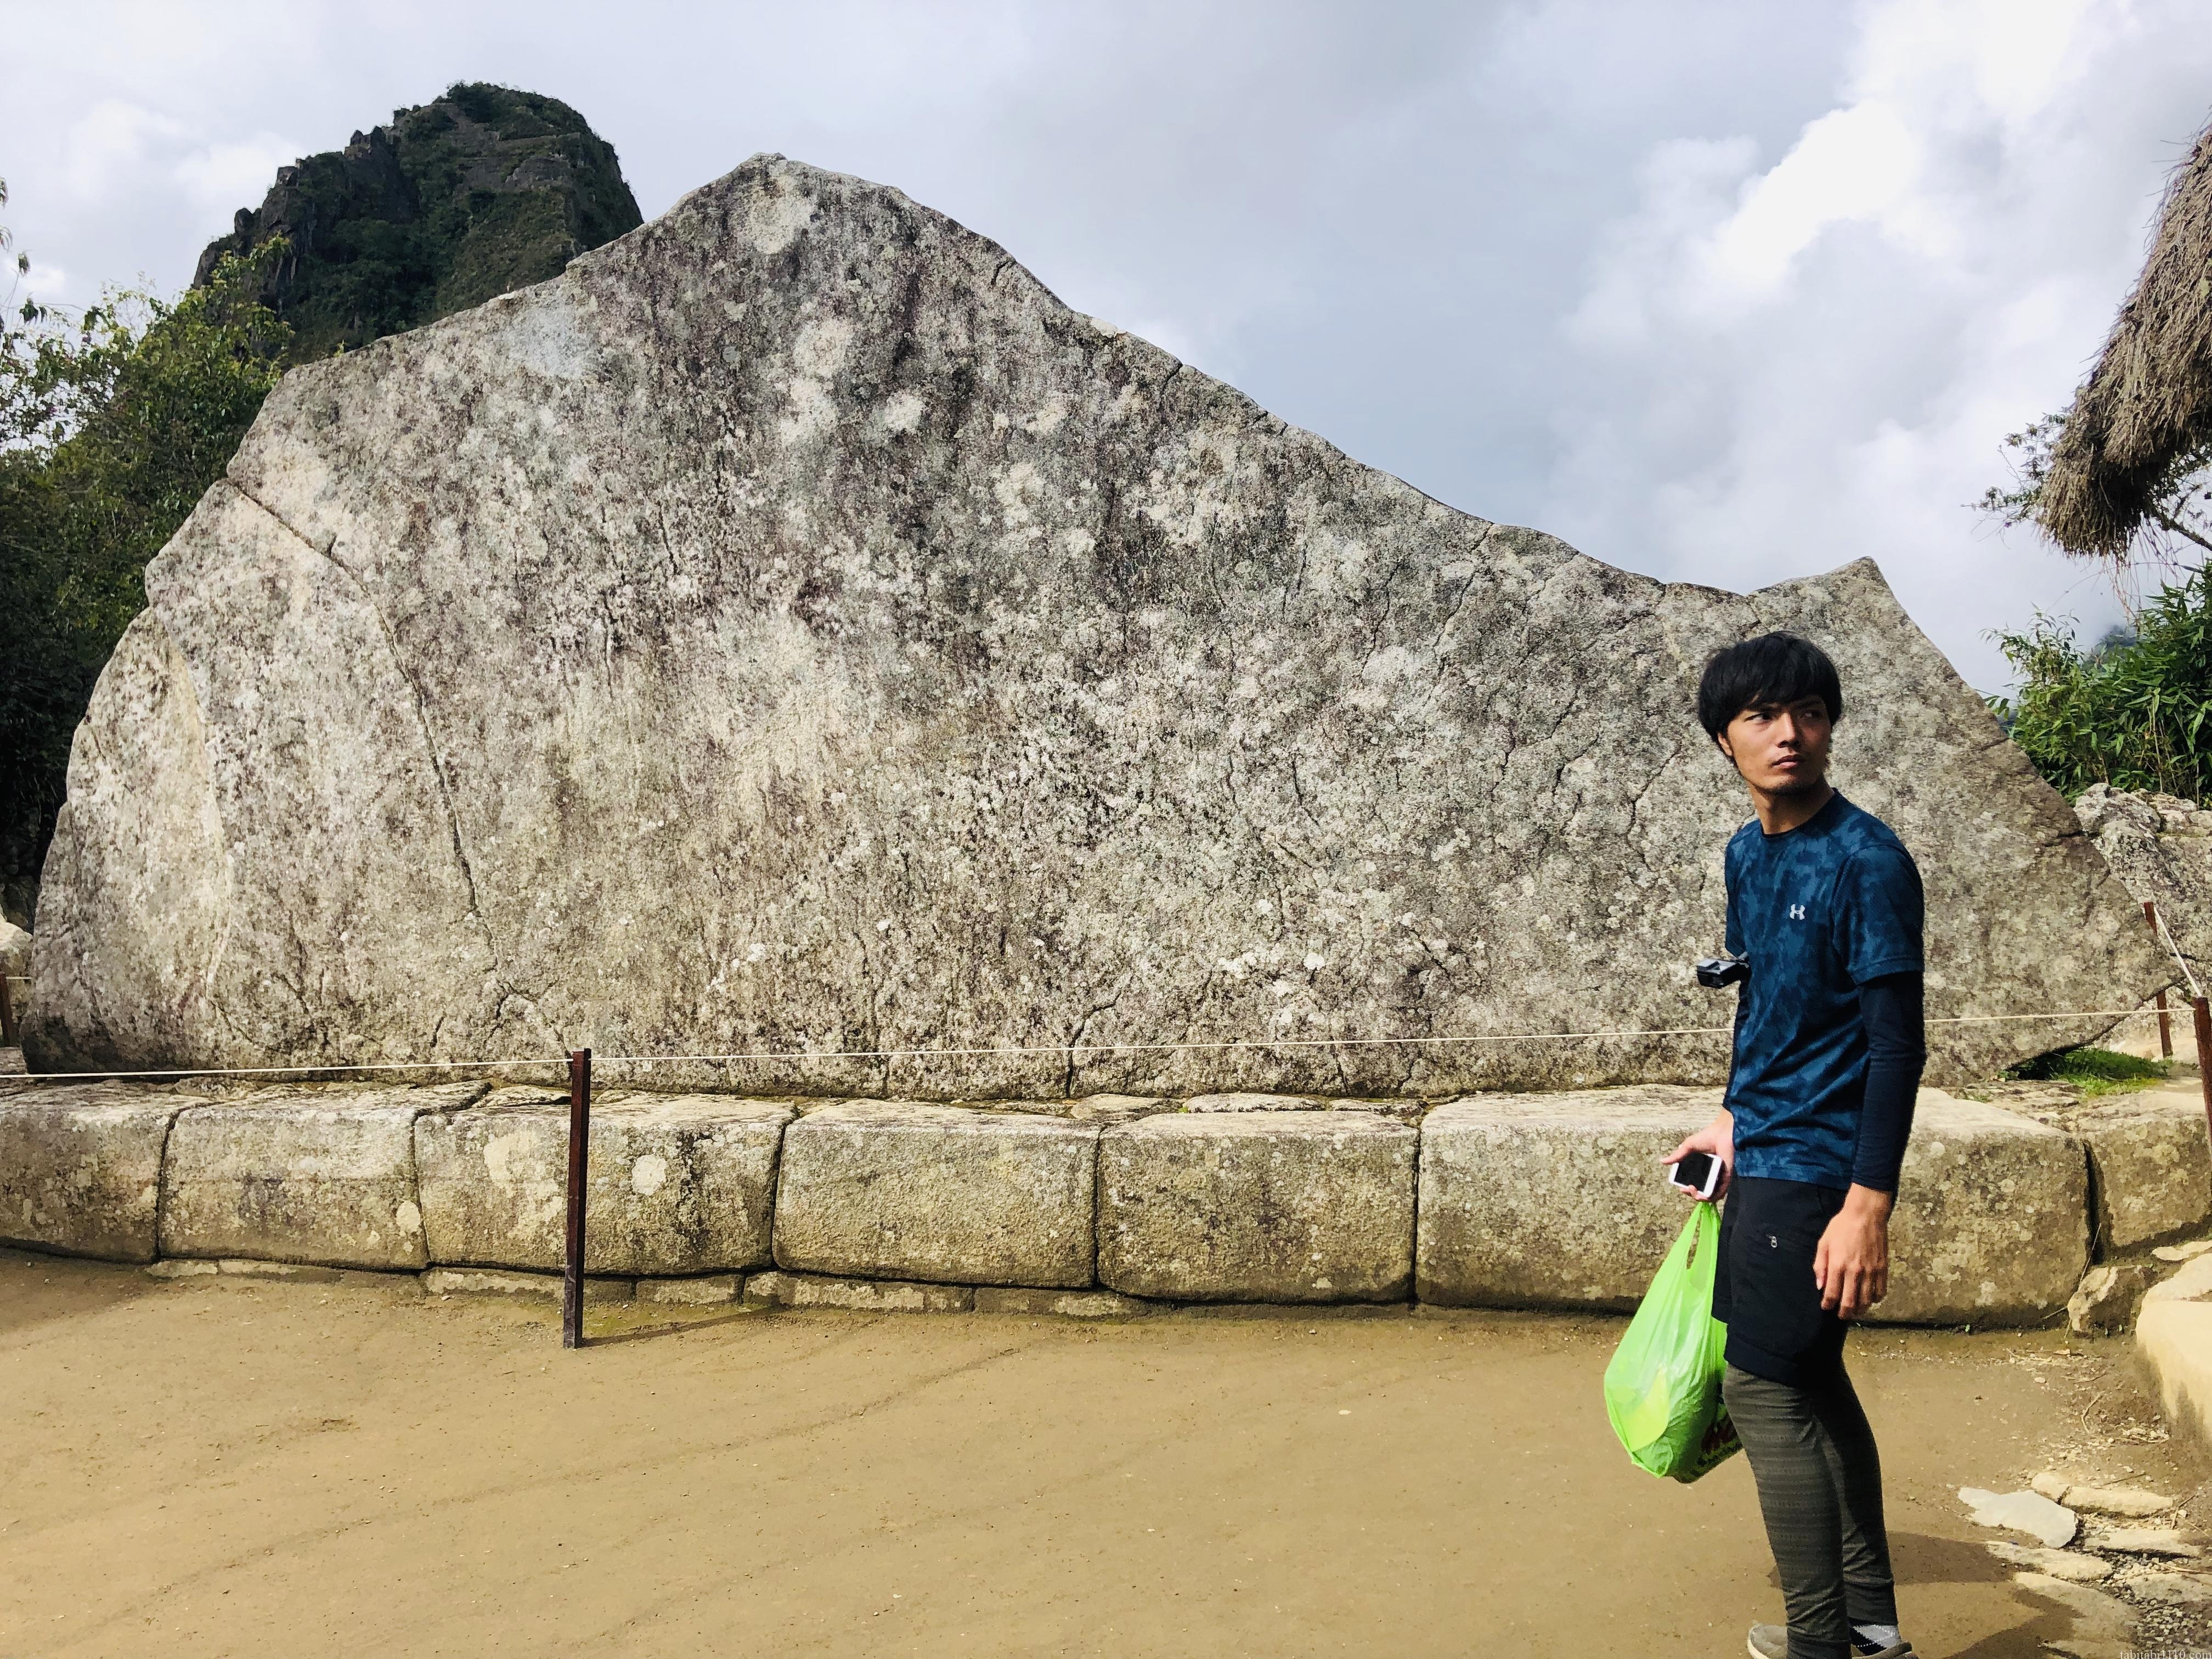 マチュピチュの岩